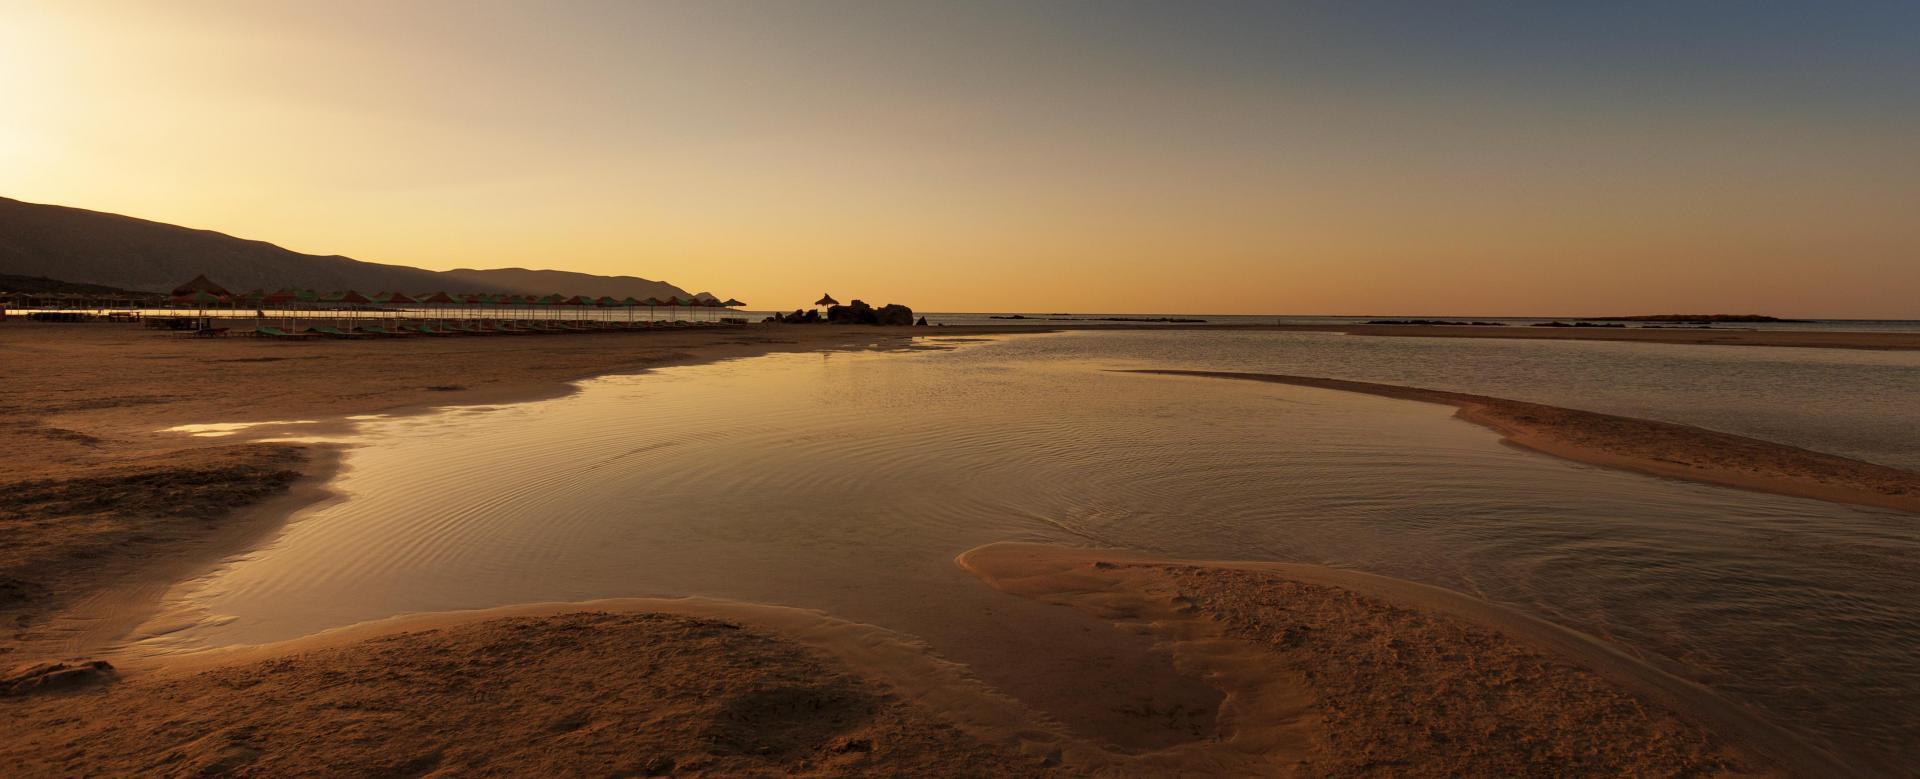 Voyage à pied : Des gorges de samaria à la plage d'elafonissi